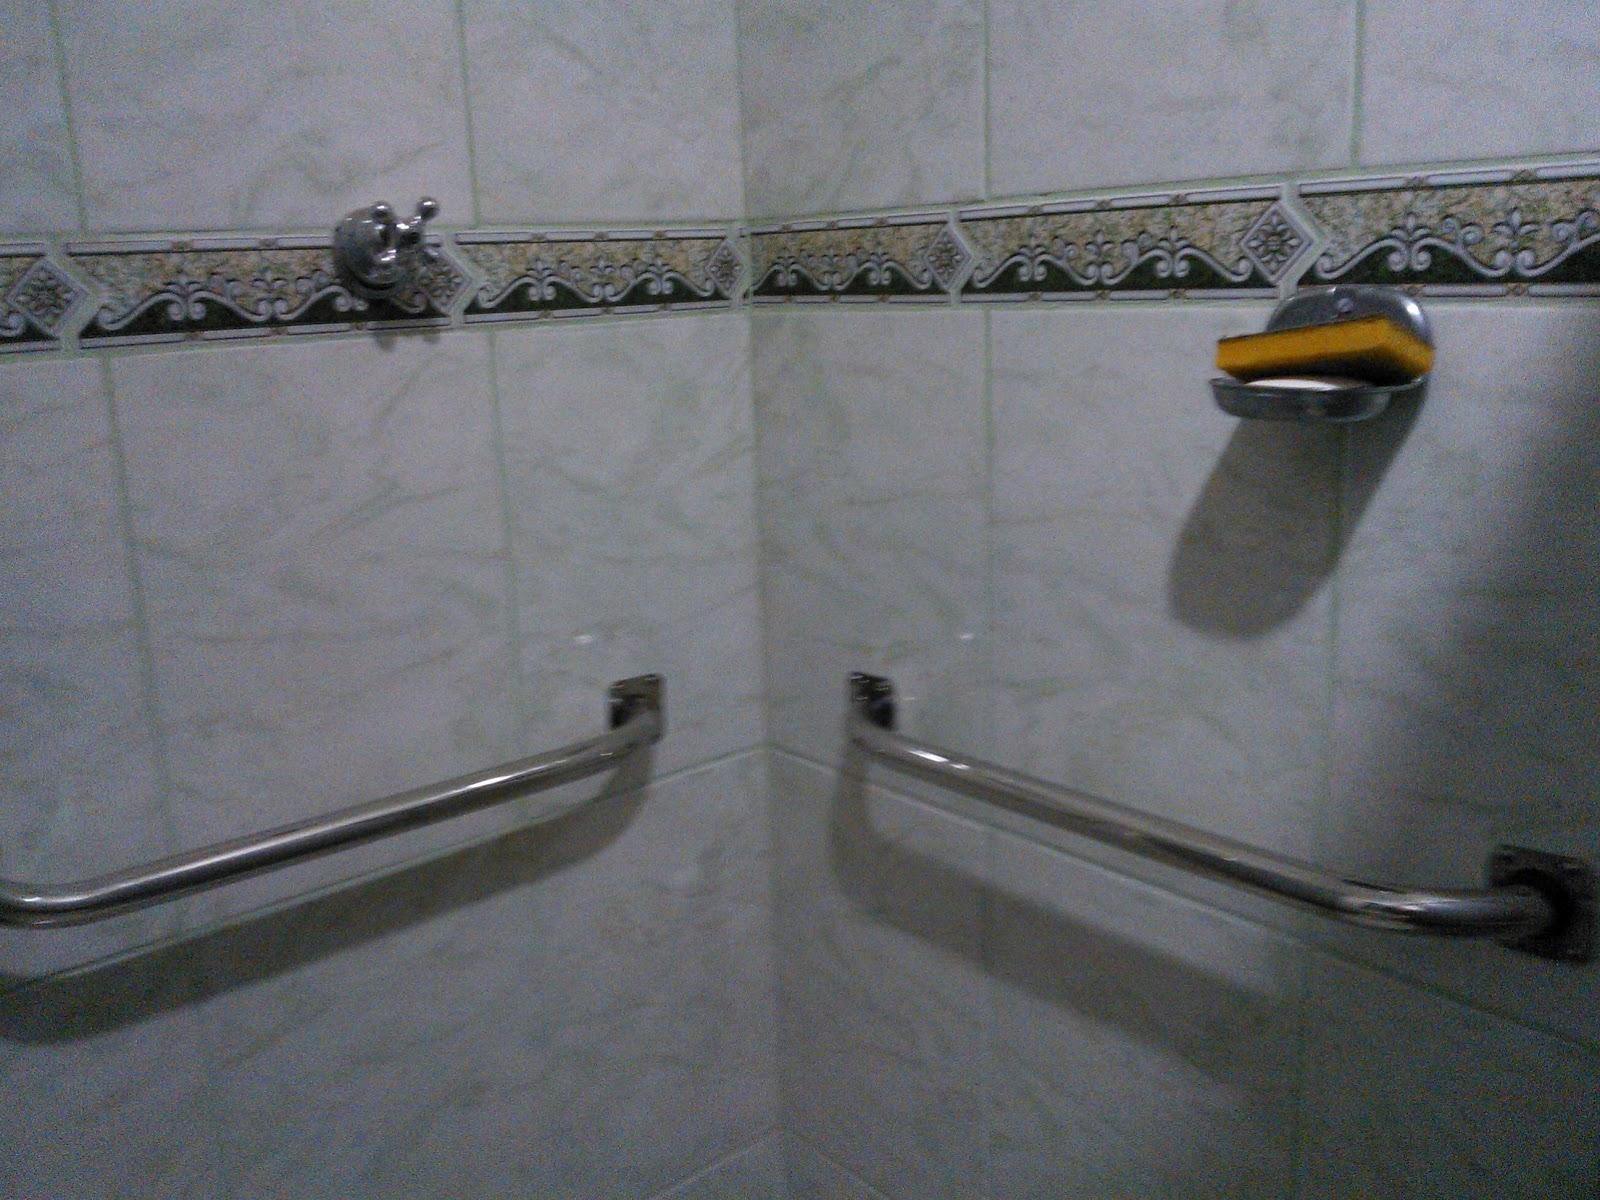 Imagens de #675C41 Barra de apoio instalada em box do chuveiro apara apoio de criança  1600x1200 px 3574 Barras Banheiro Idosos